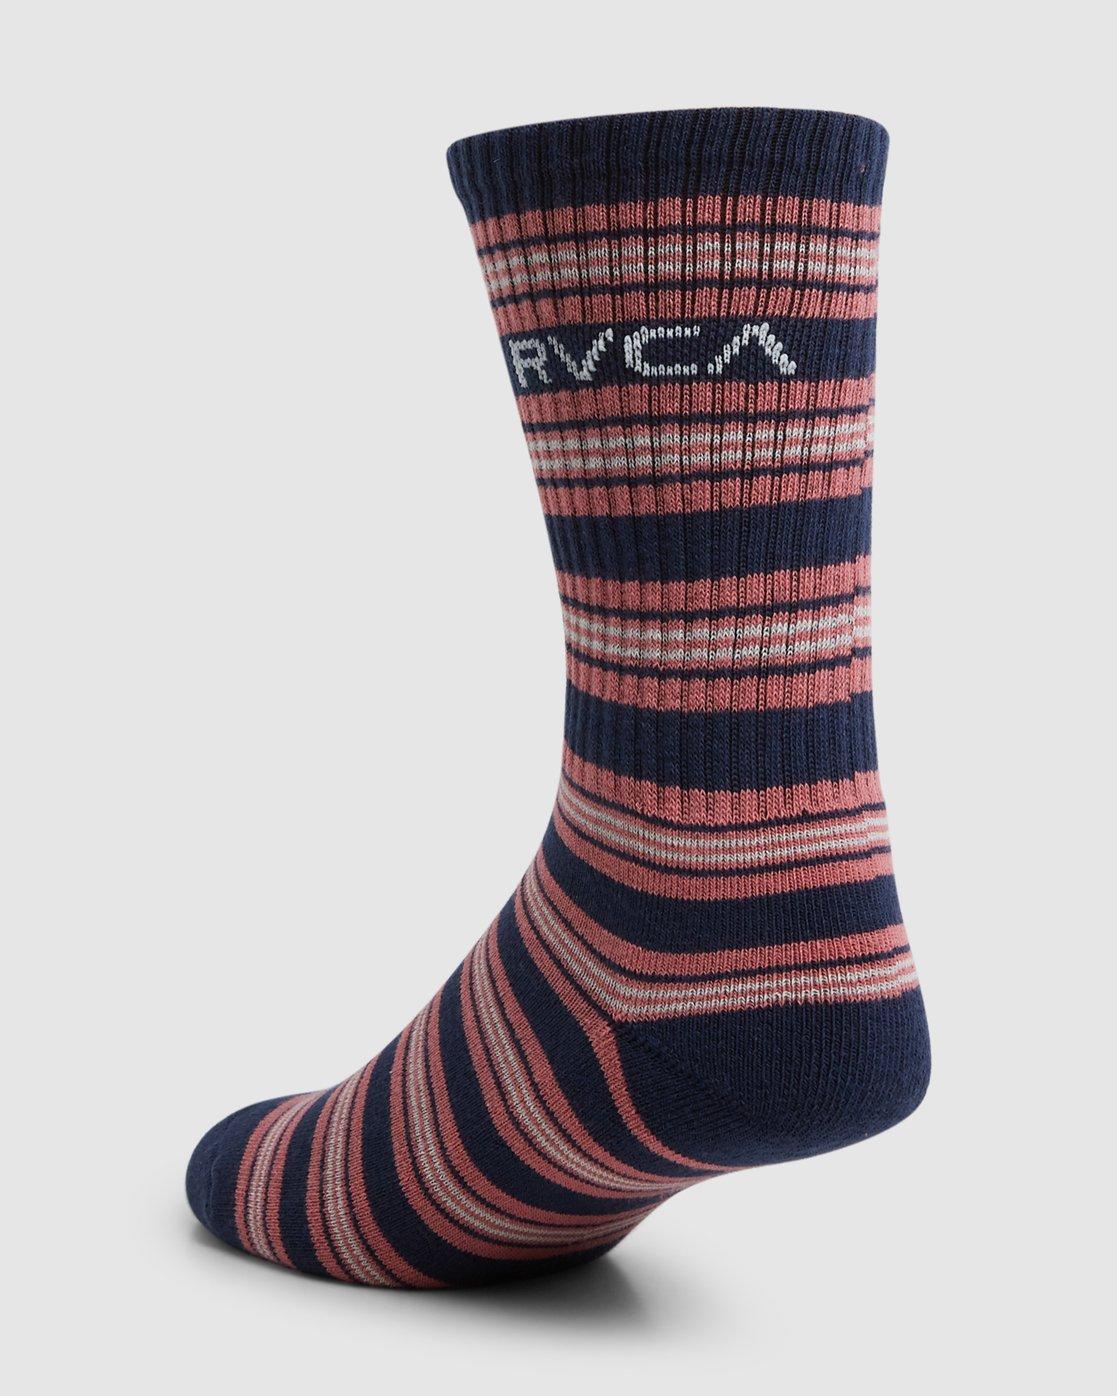 13 RVCA Multi Sock - 4 Pack  R107601 RVCA